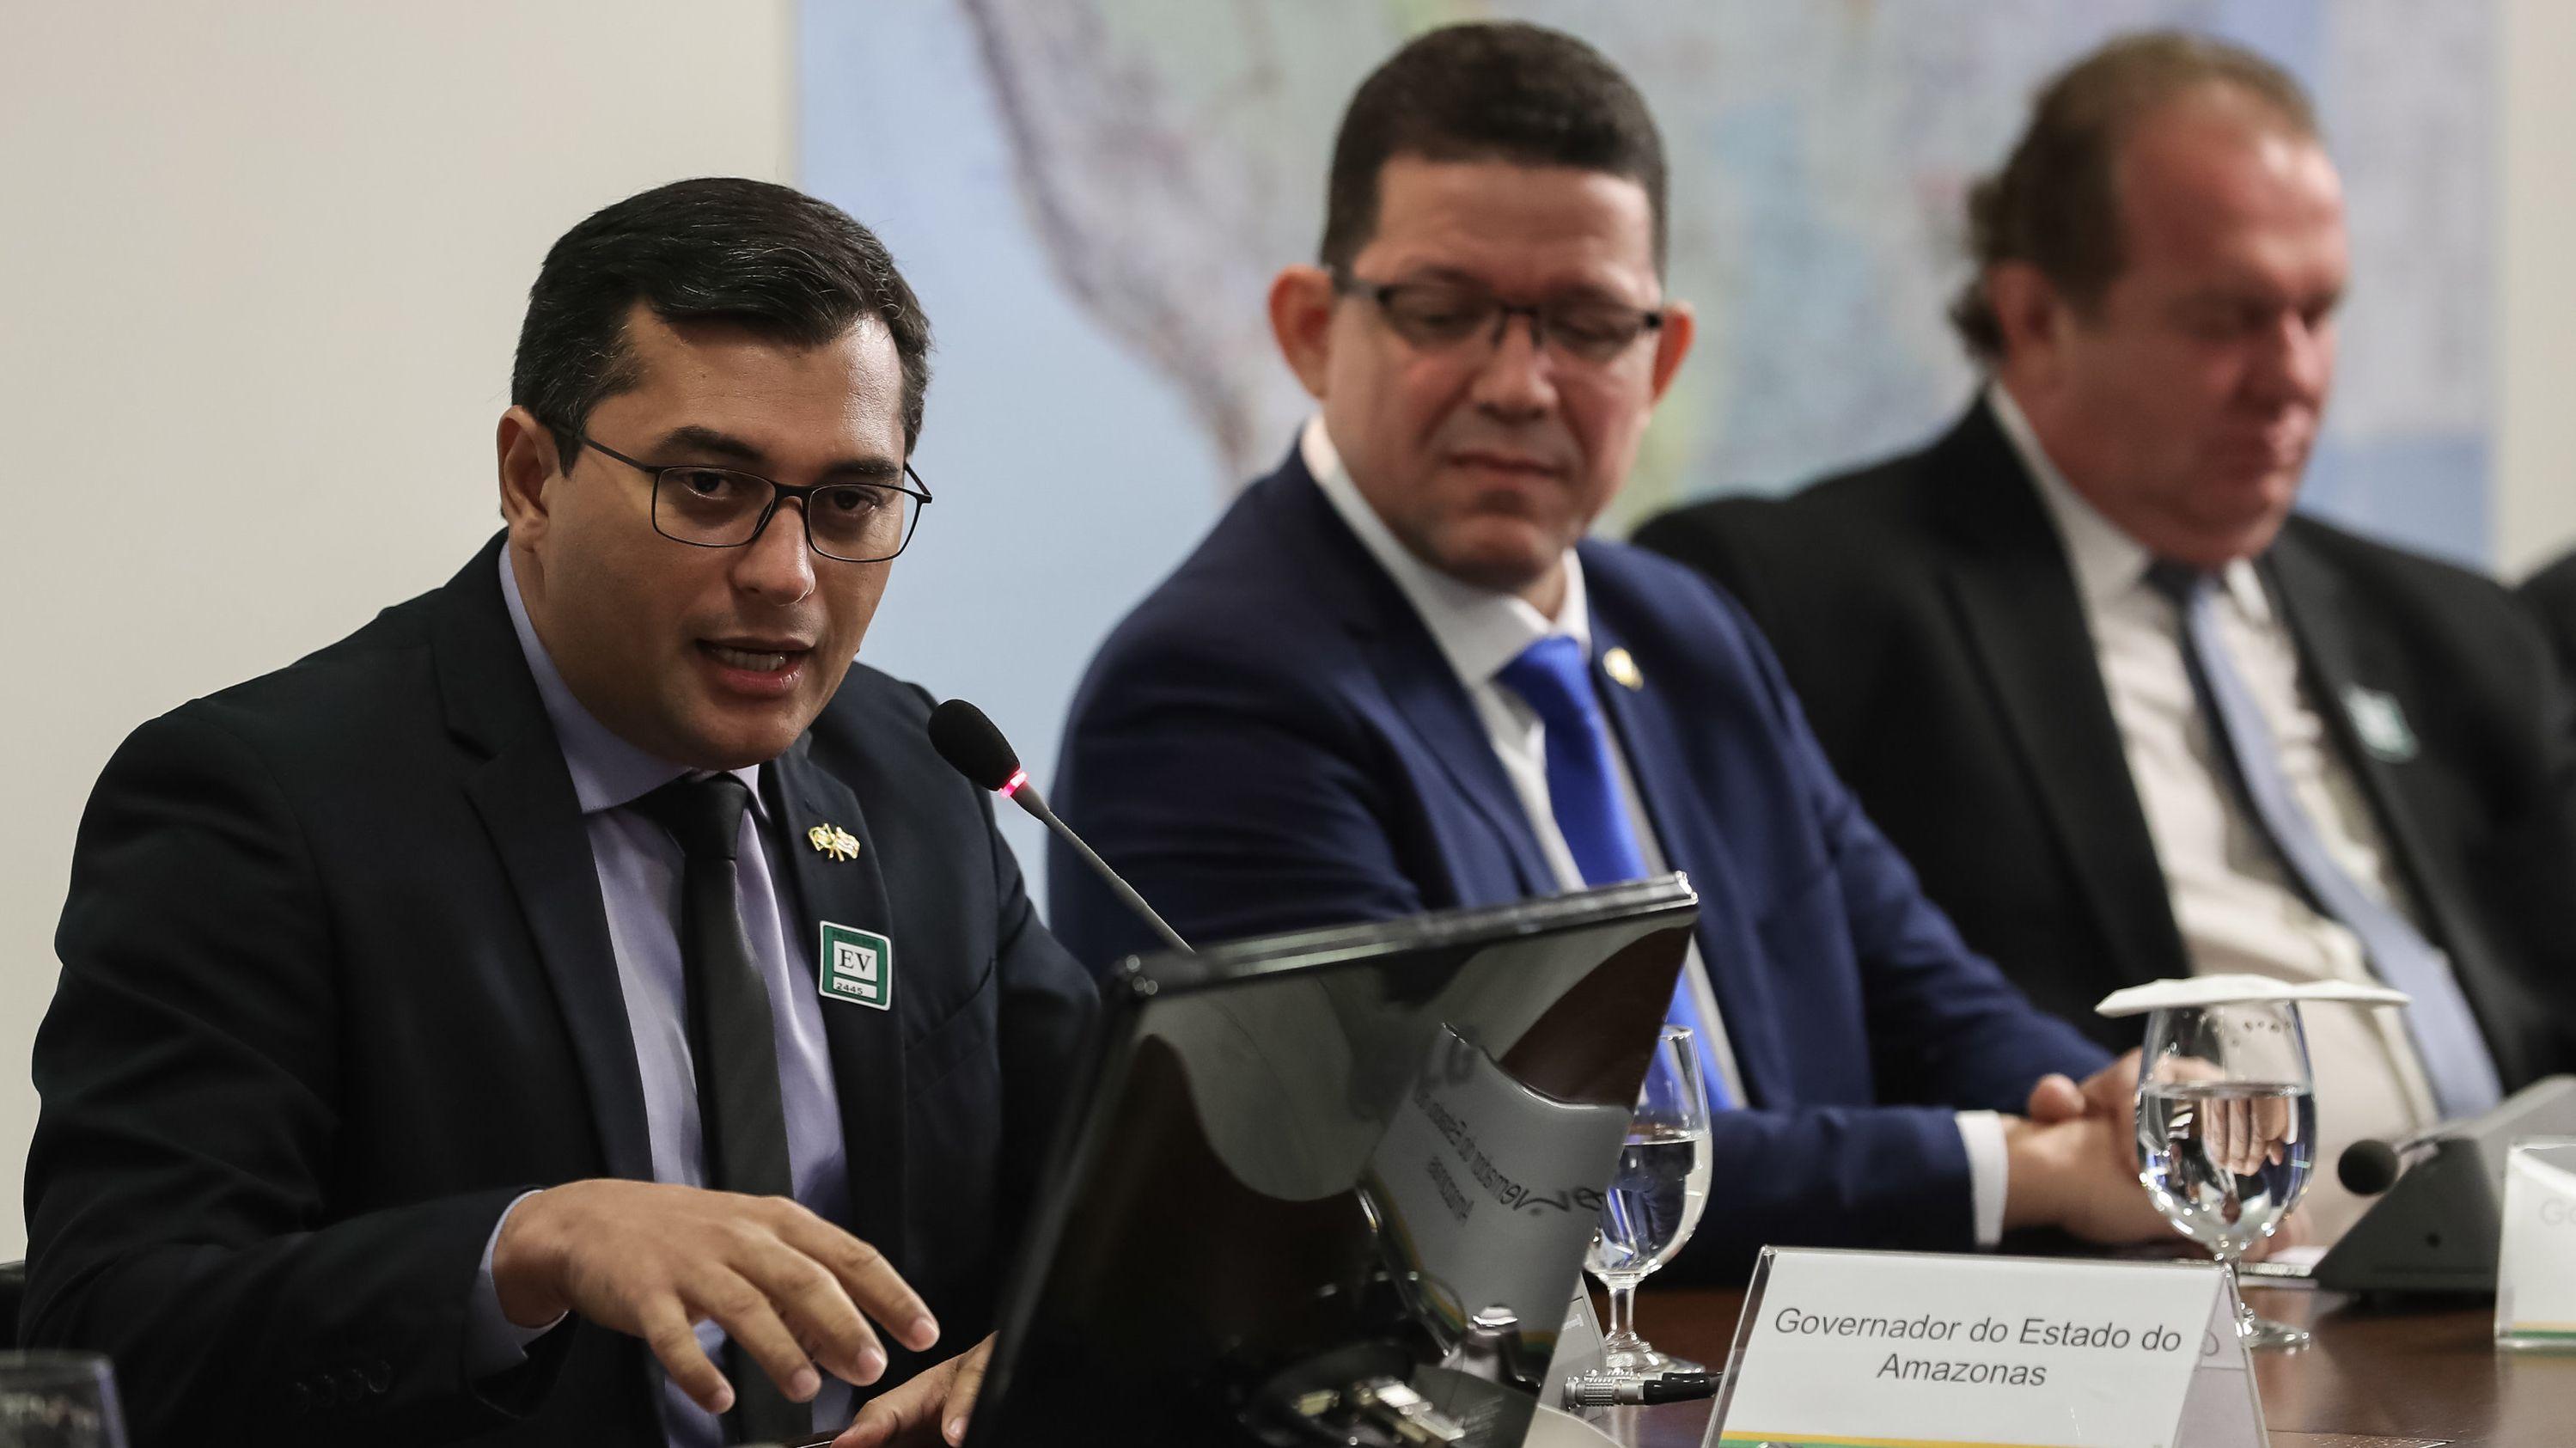 Wilson Lima, Gouverneur des Staates Amazonas, spricht während eines Treffens von Gouverneuren mit dem brasilianischen Präsidenten Bolsonaro.